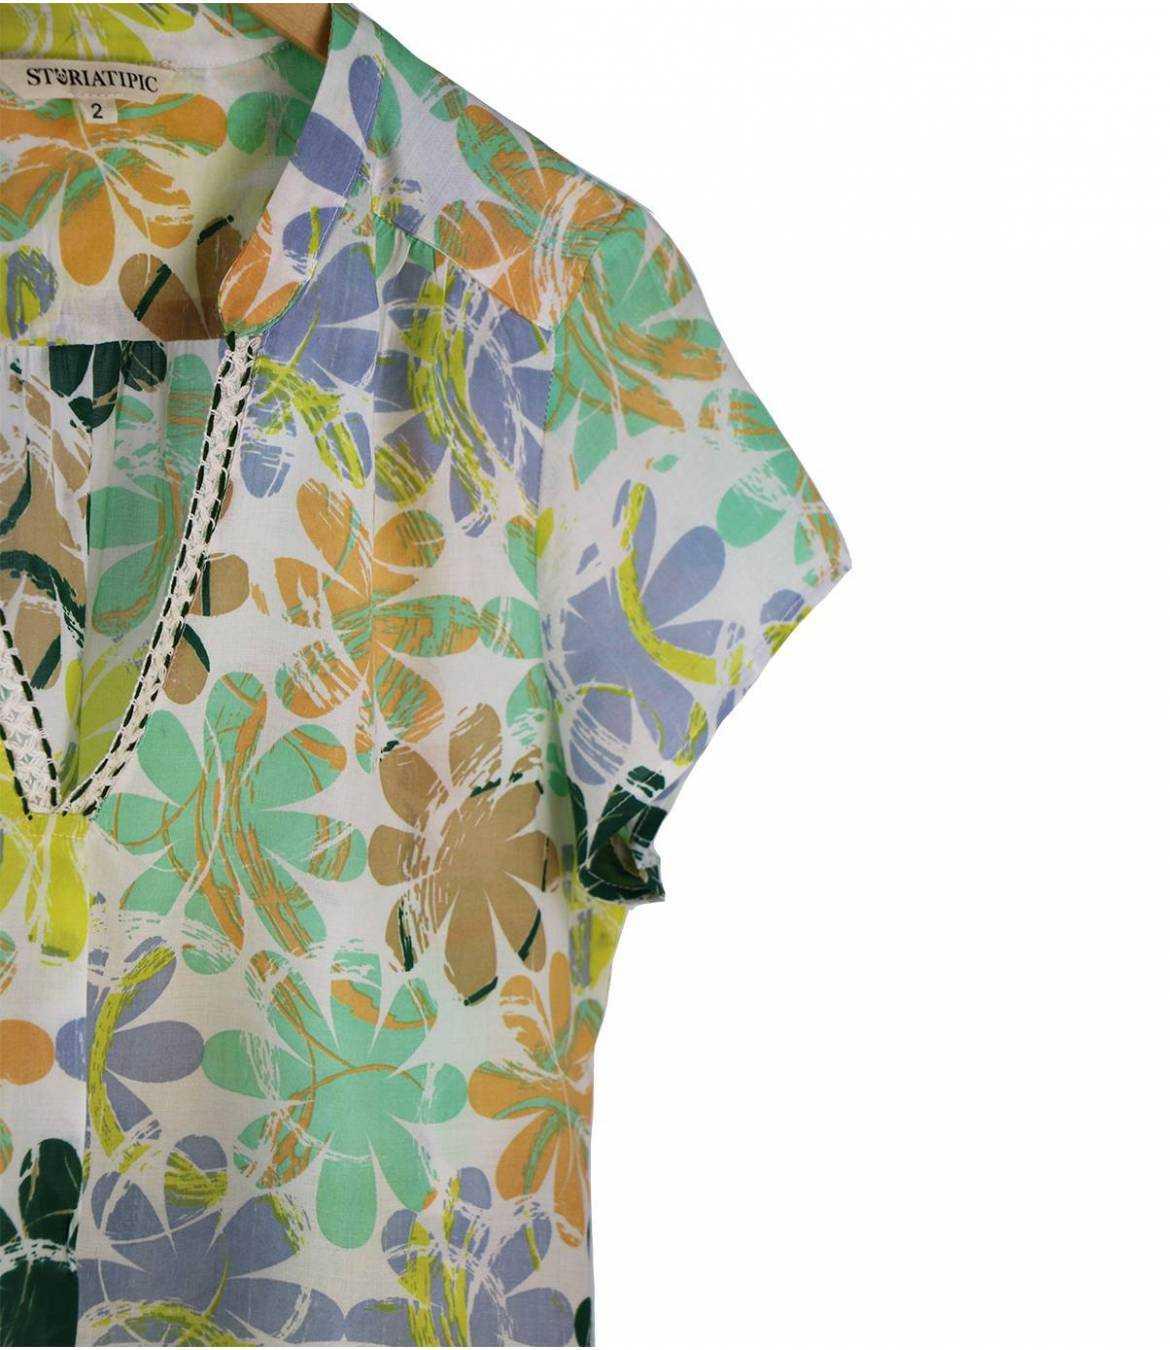 ZOE ELLY T-shirt en Modal pour Femme Storiatipic - 6